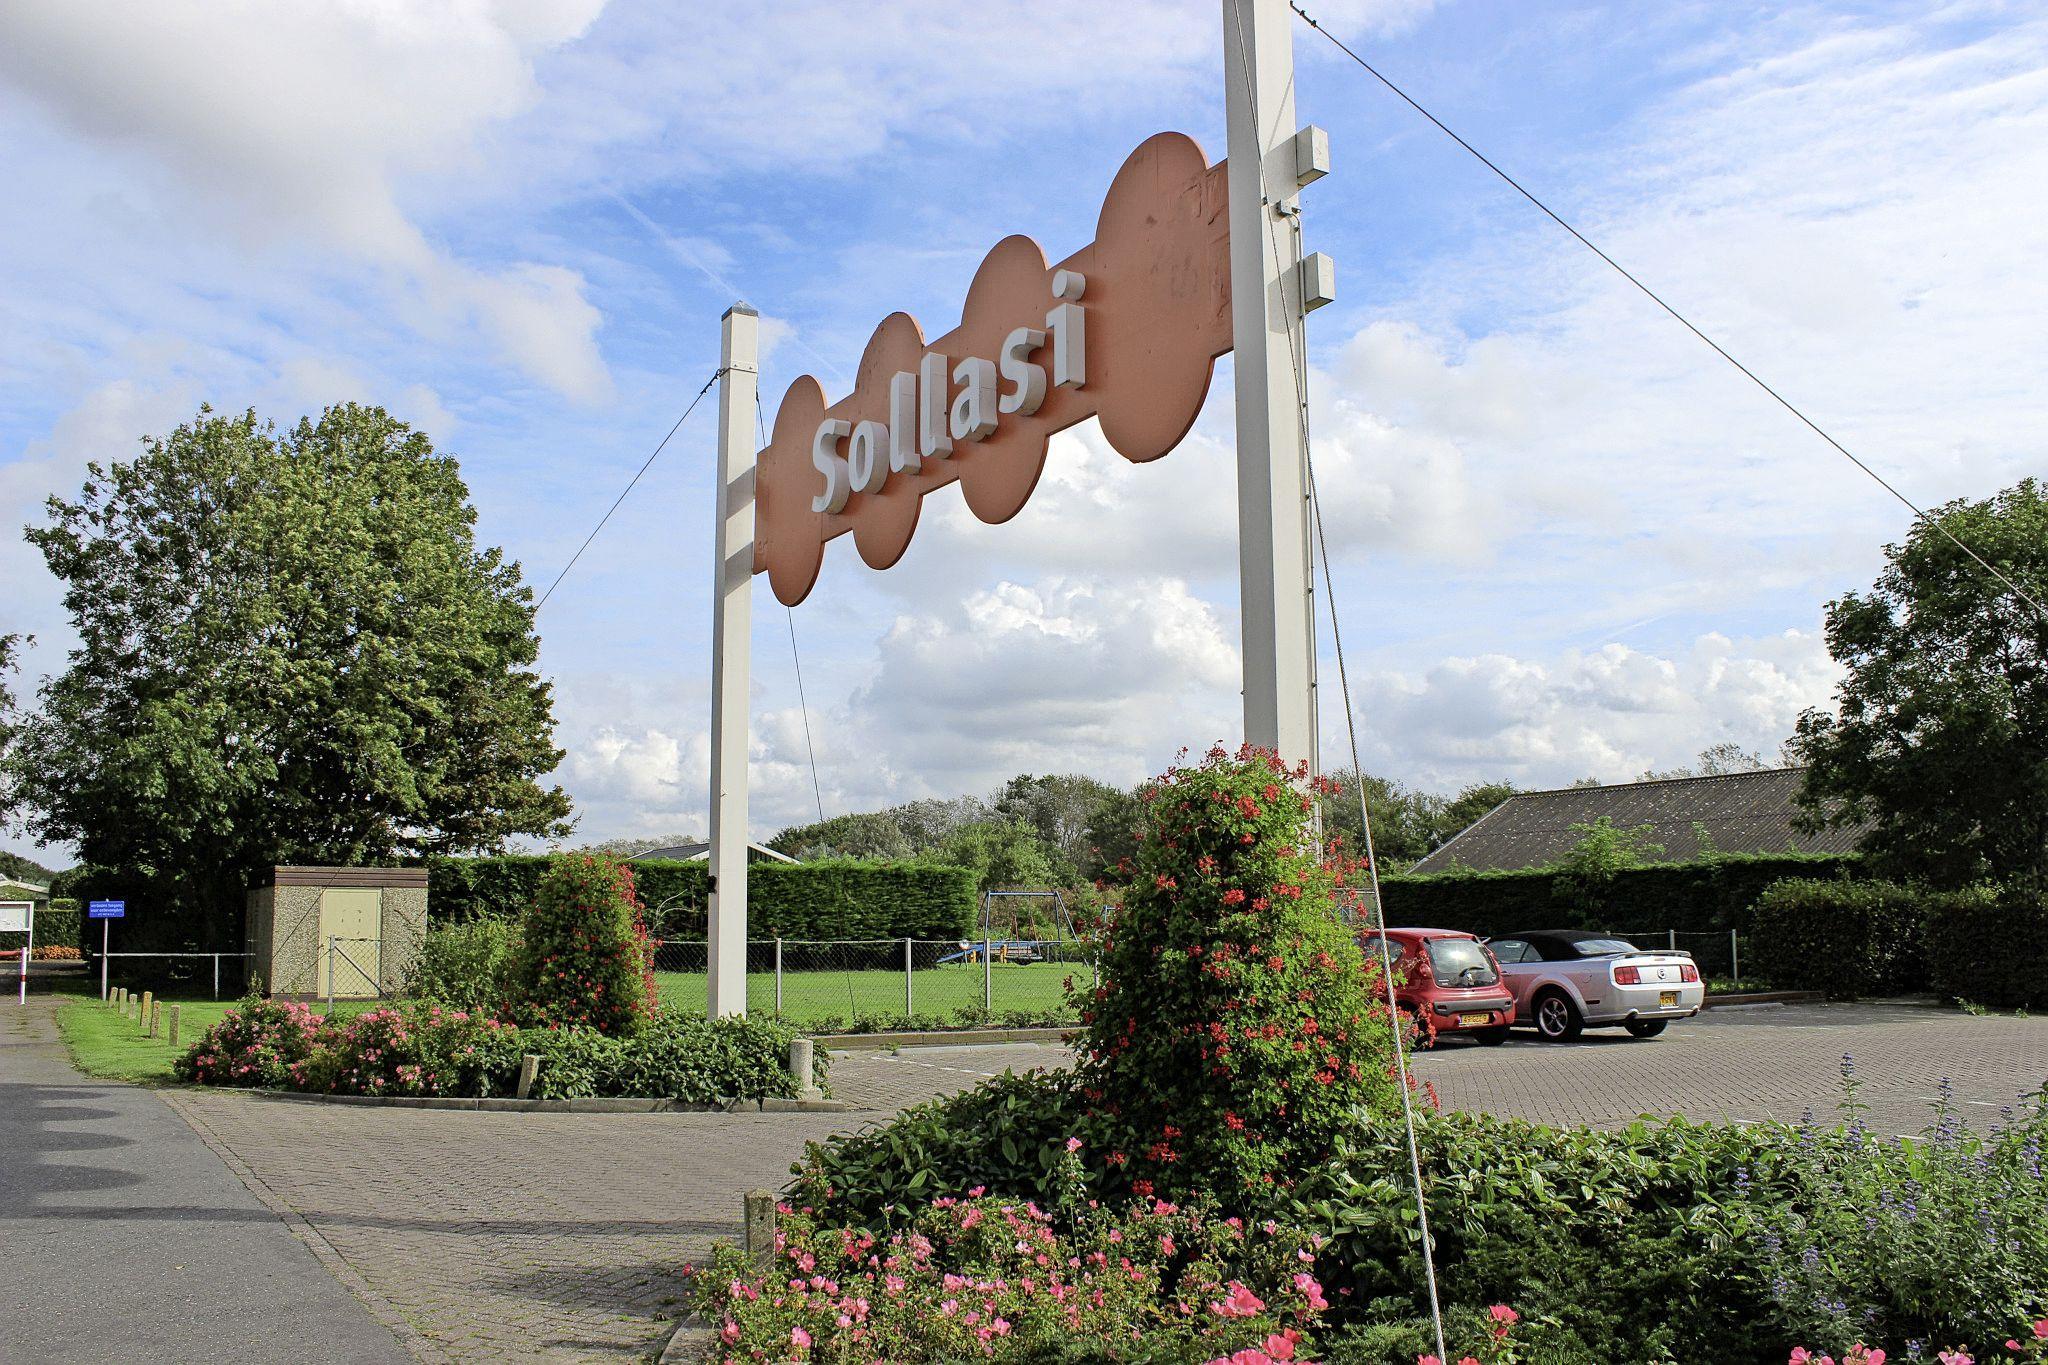 Groter hotel en nieuw restaurant bij Oosterduinse Meer in Noordwijkerhout